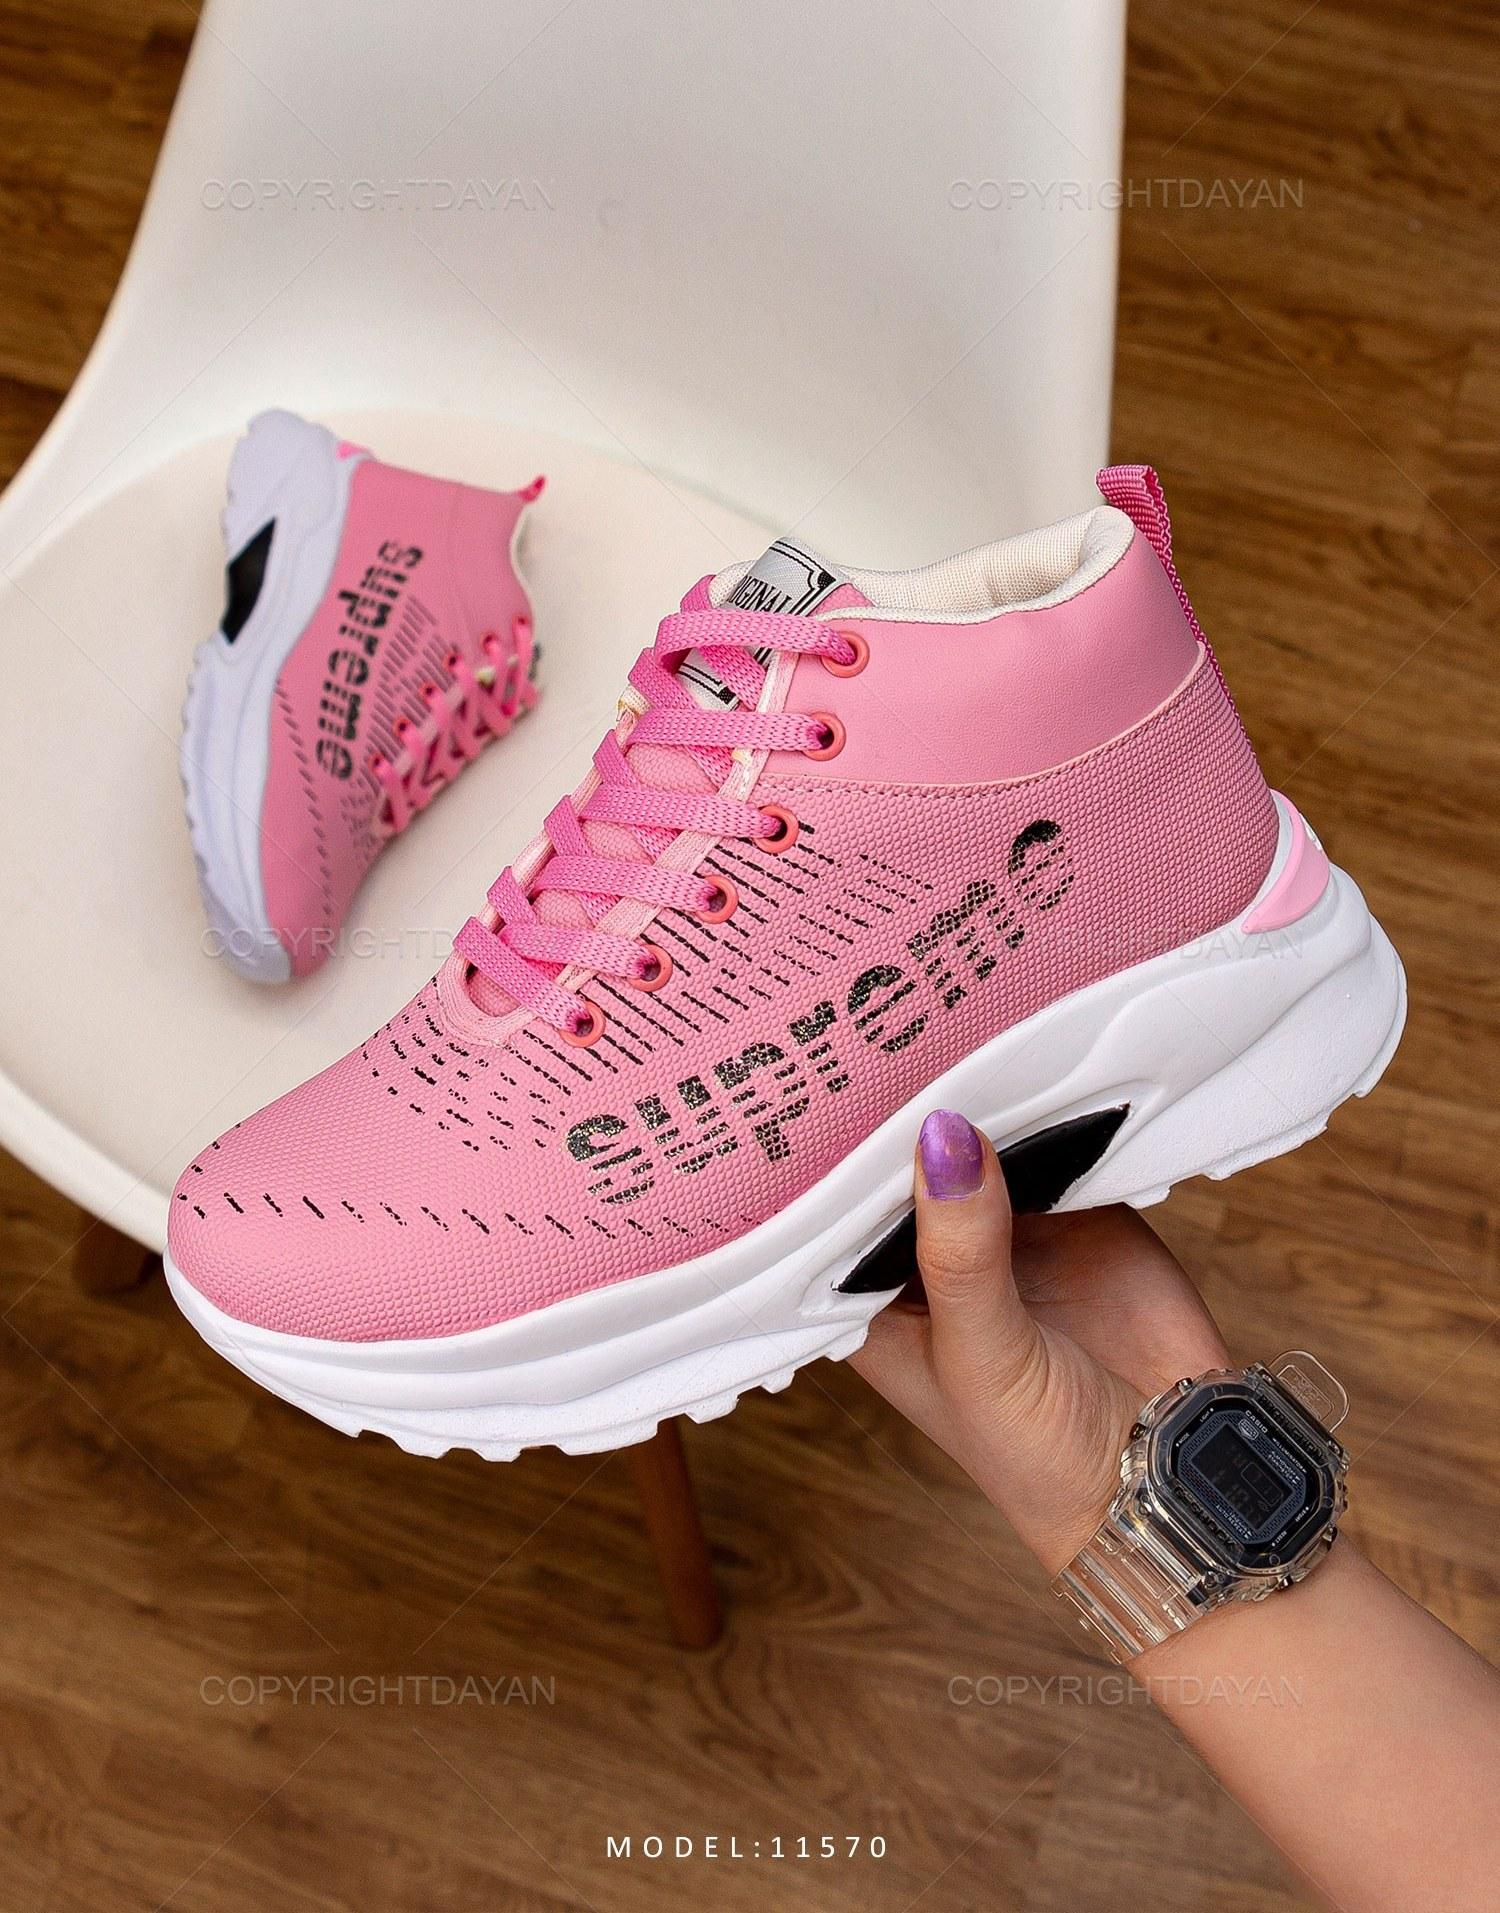 کفش زنانه Supreme مدل 11570 |